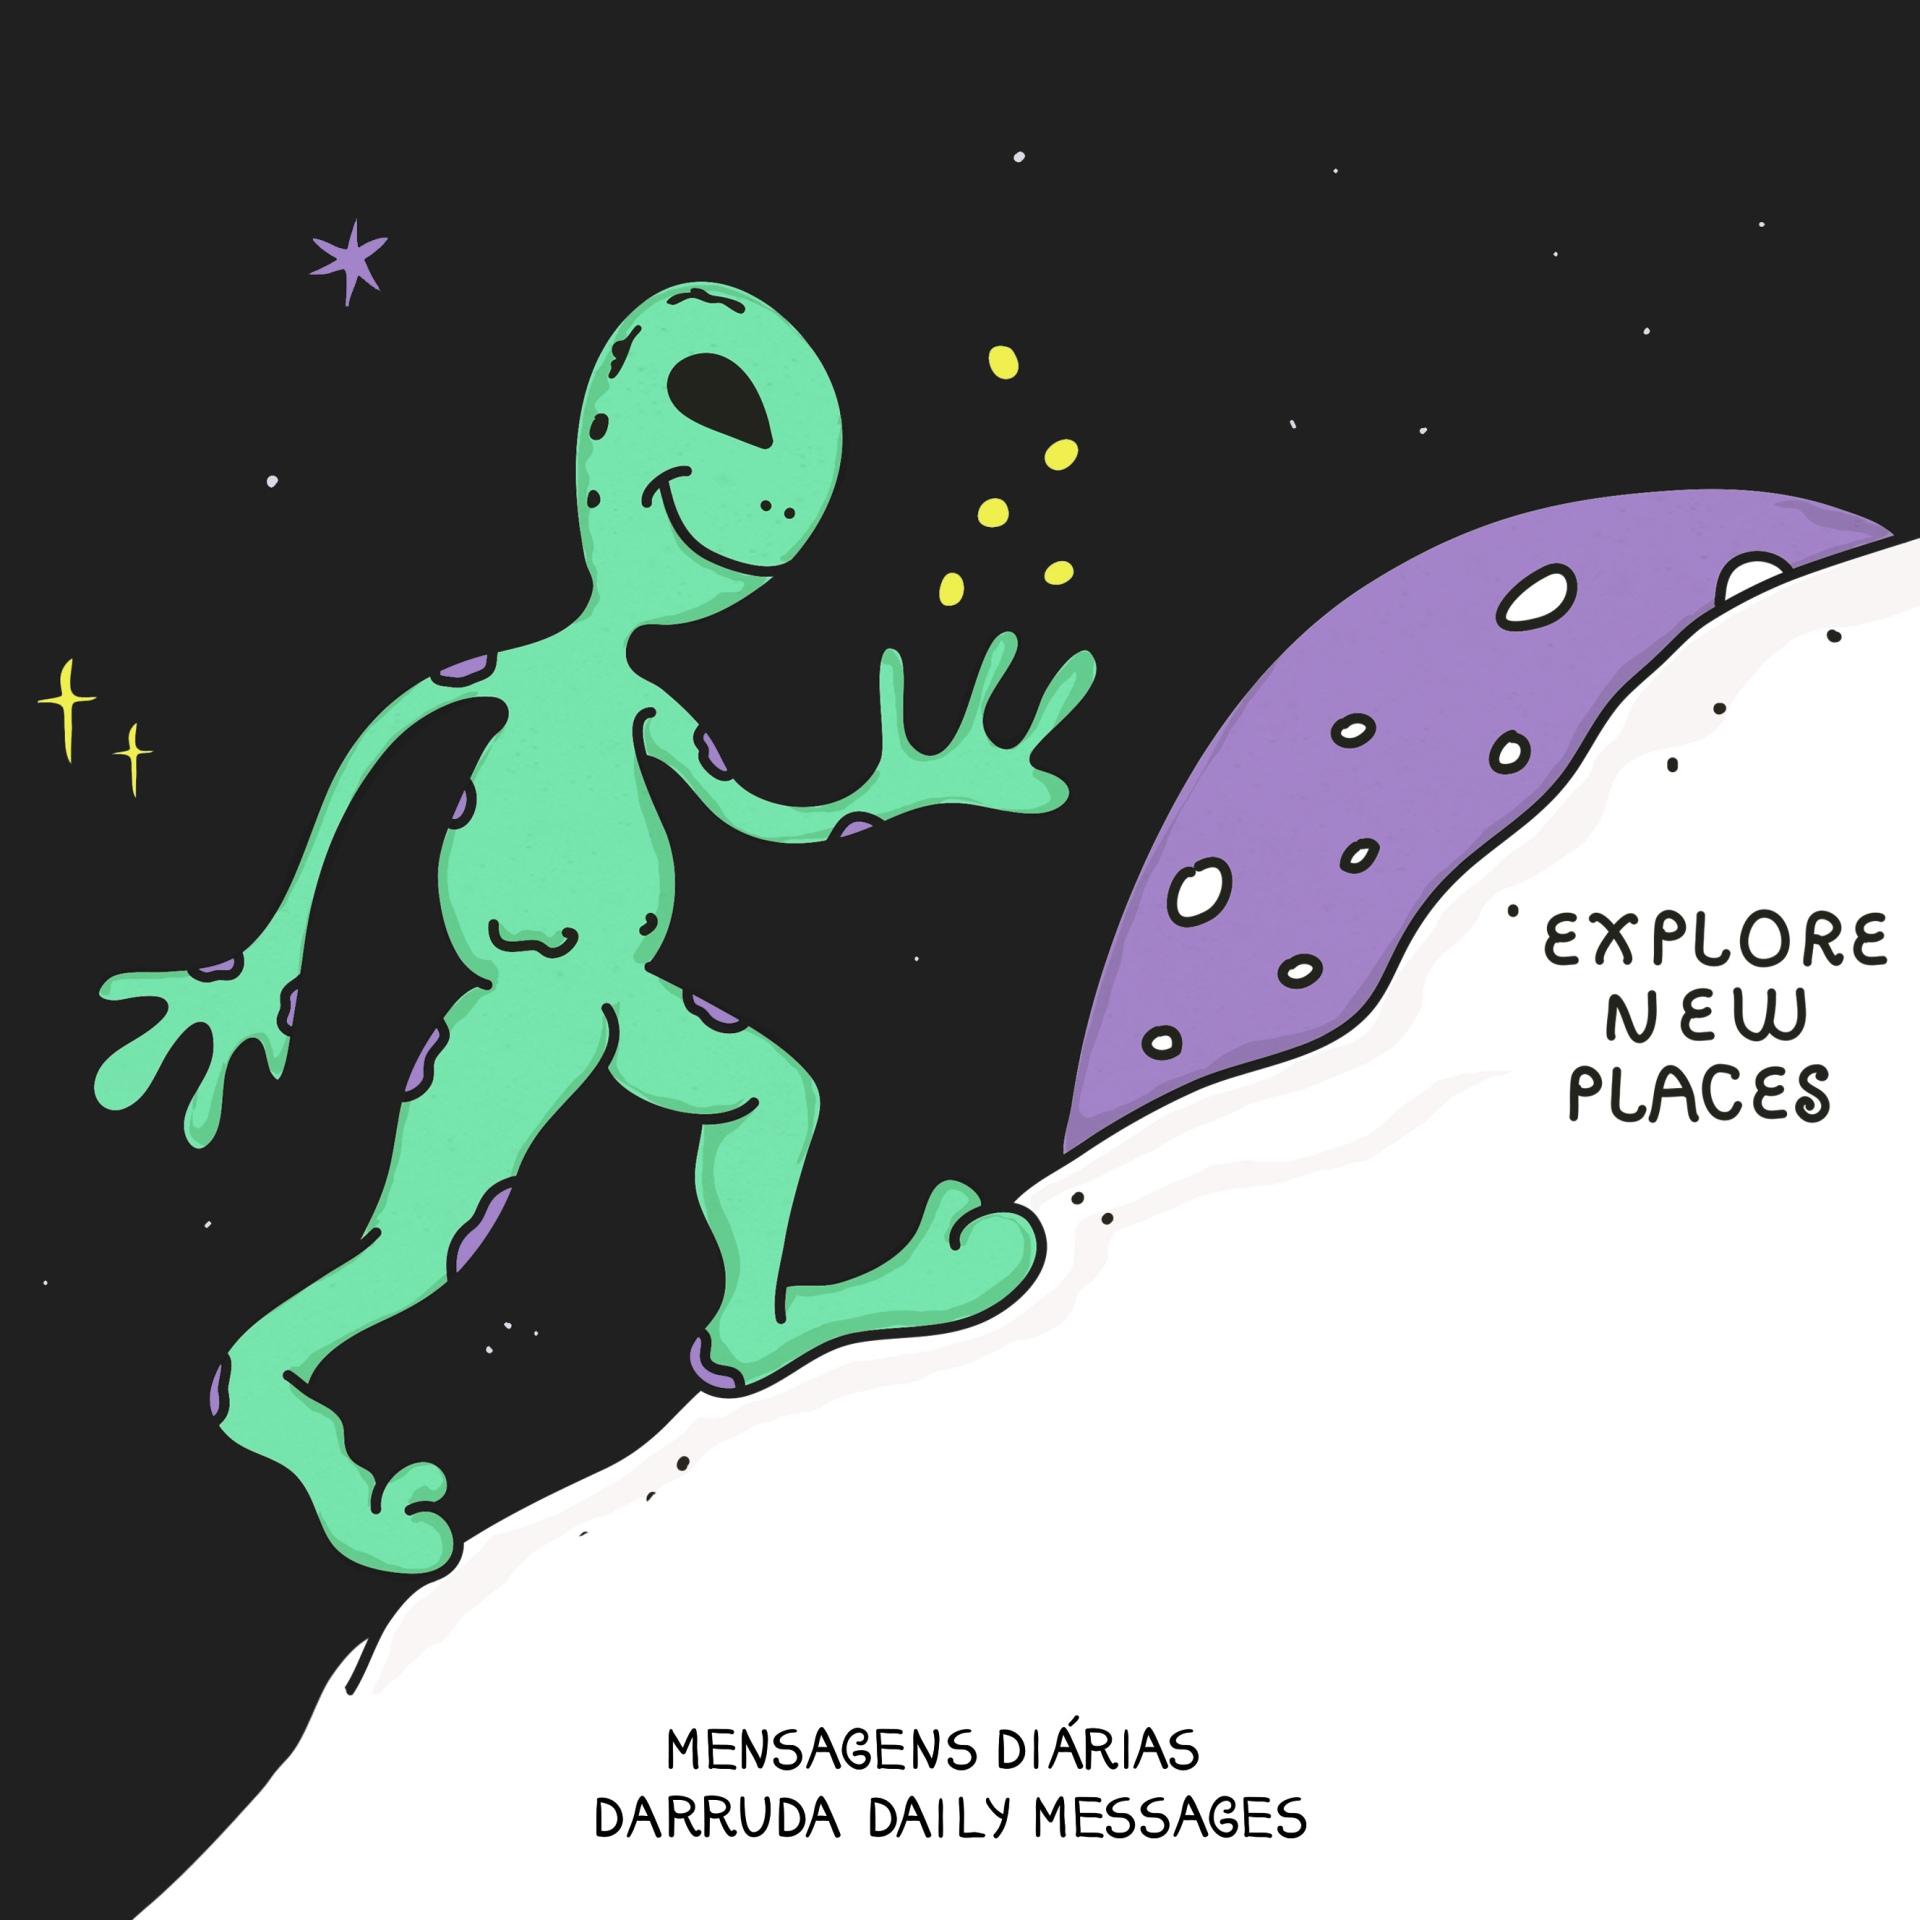 alien walking on the moon